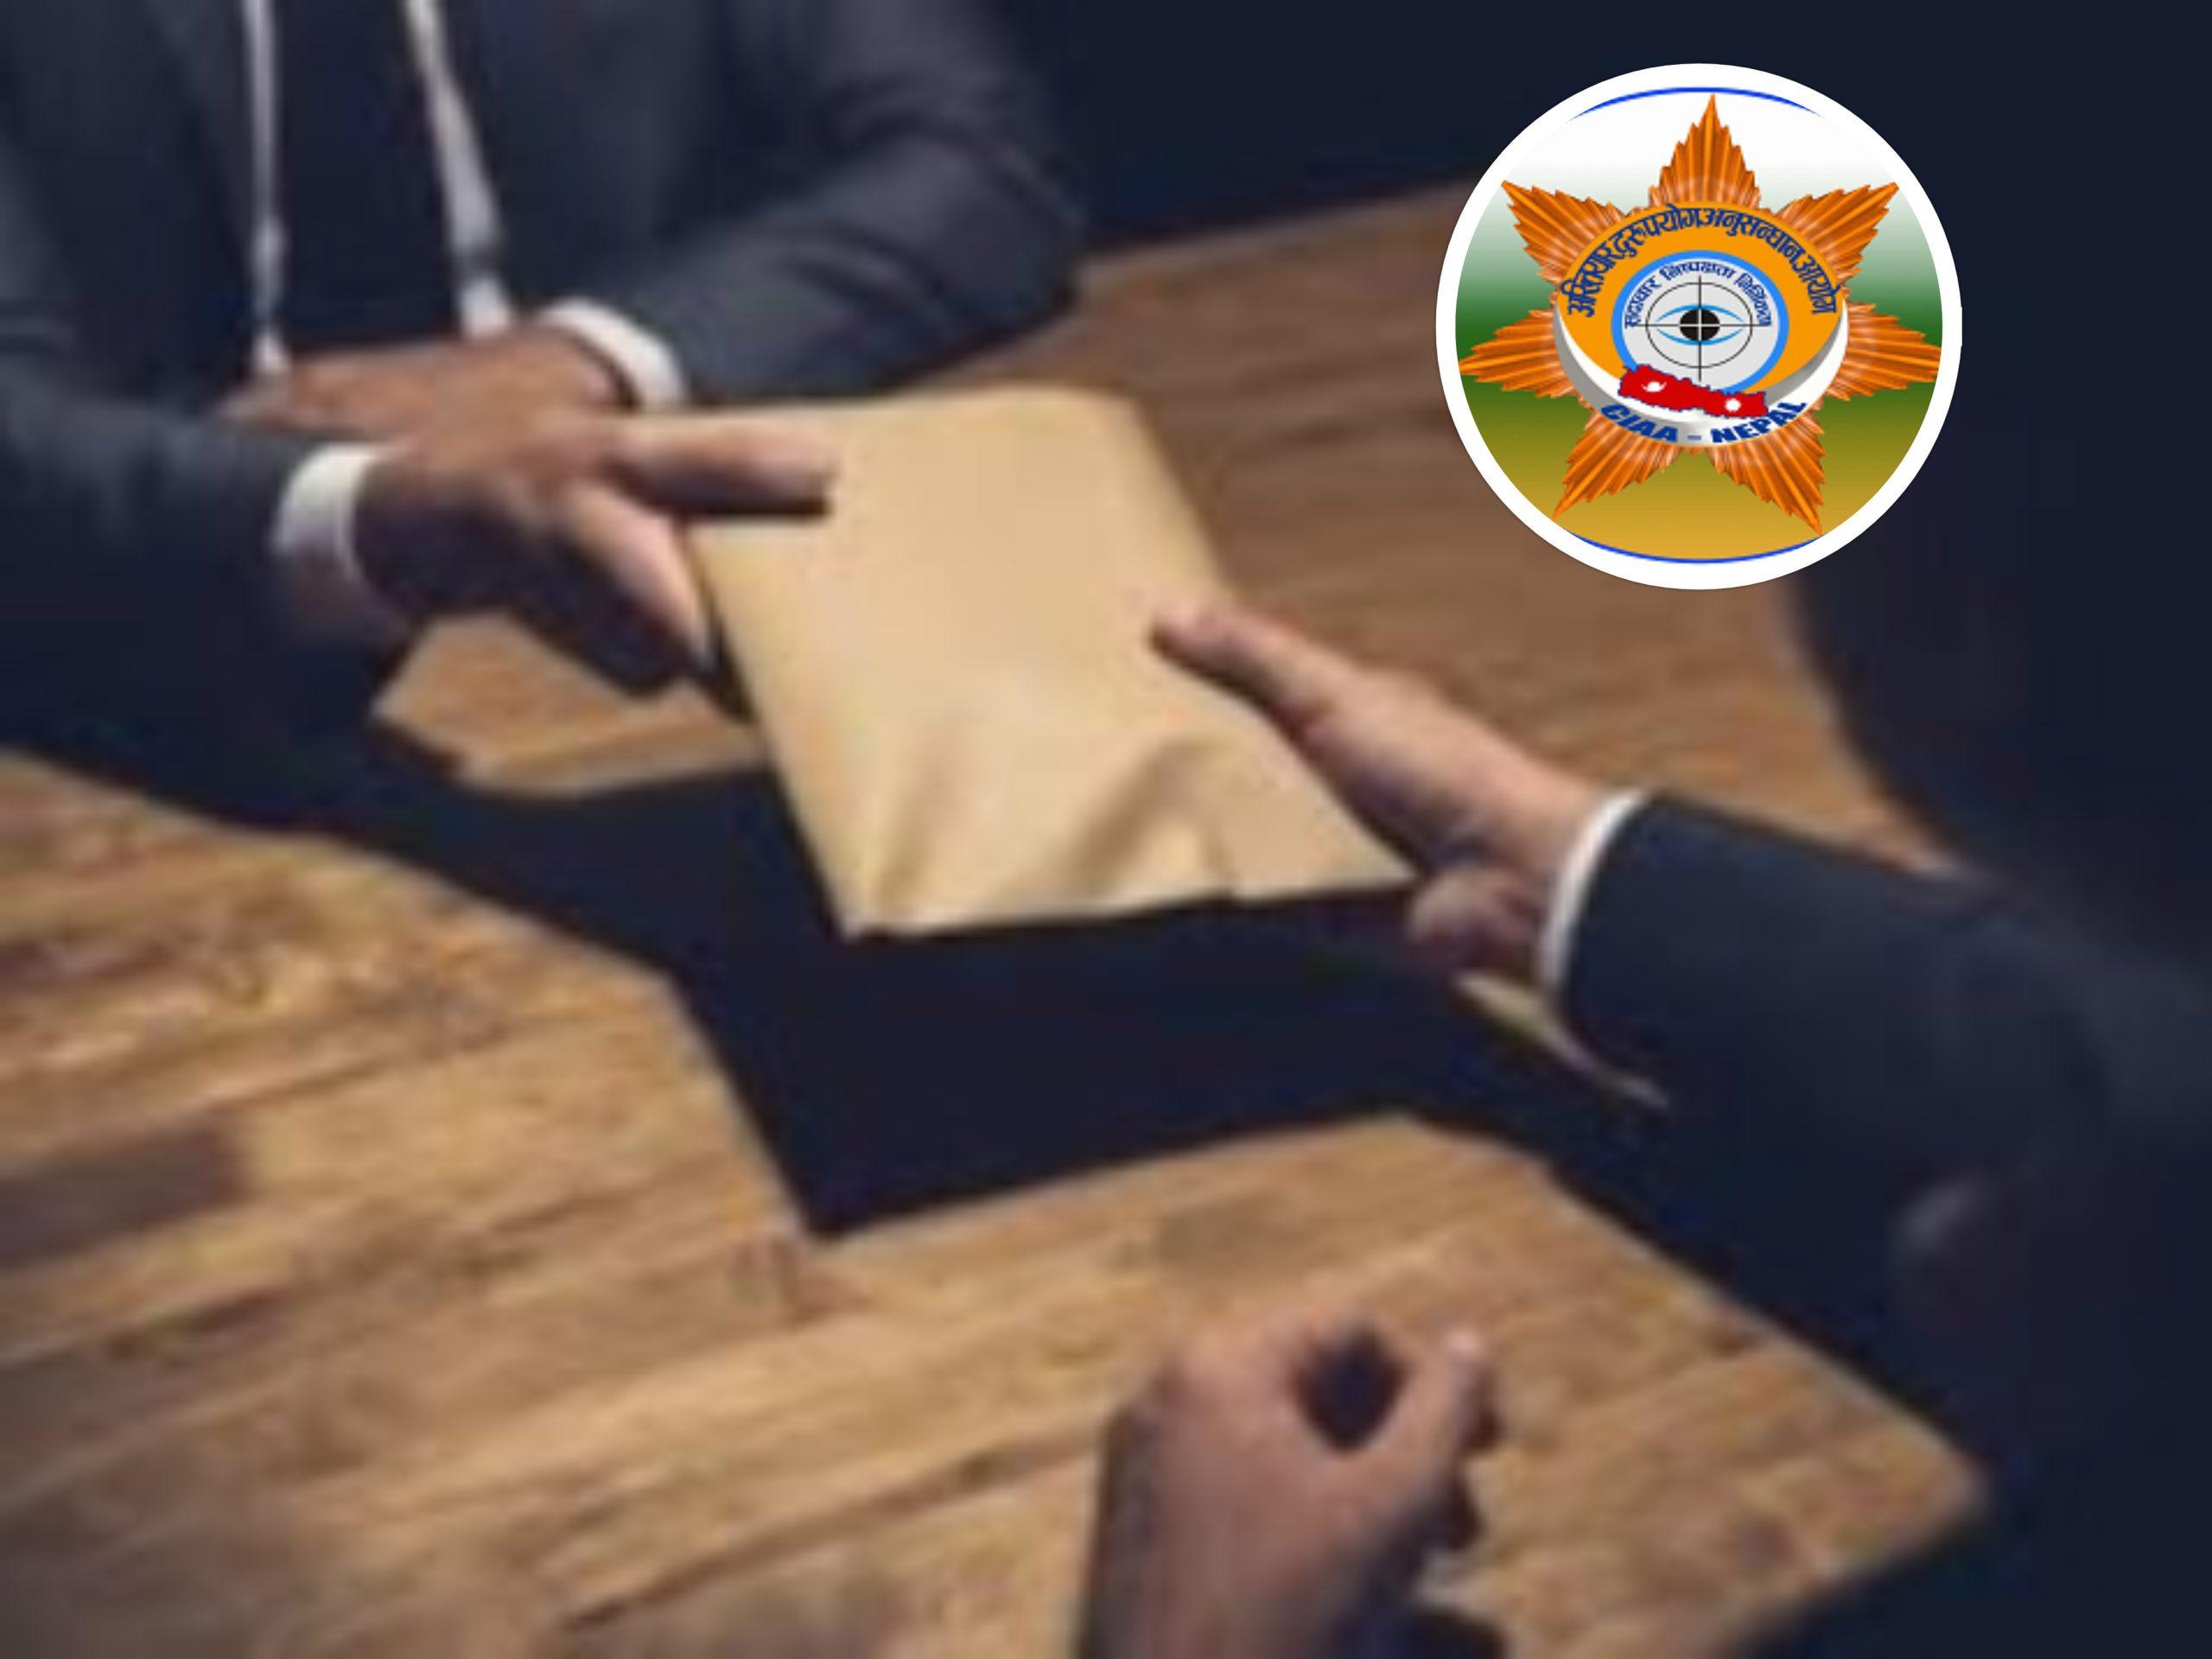 सिरहाको कल्याणपुर नगरपालिकाका मेयर र छोरा विरुद्ध विशेष अदालतमा आरोप पत्र दर्ता